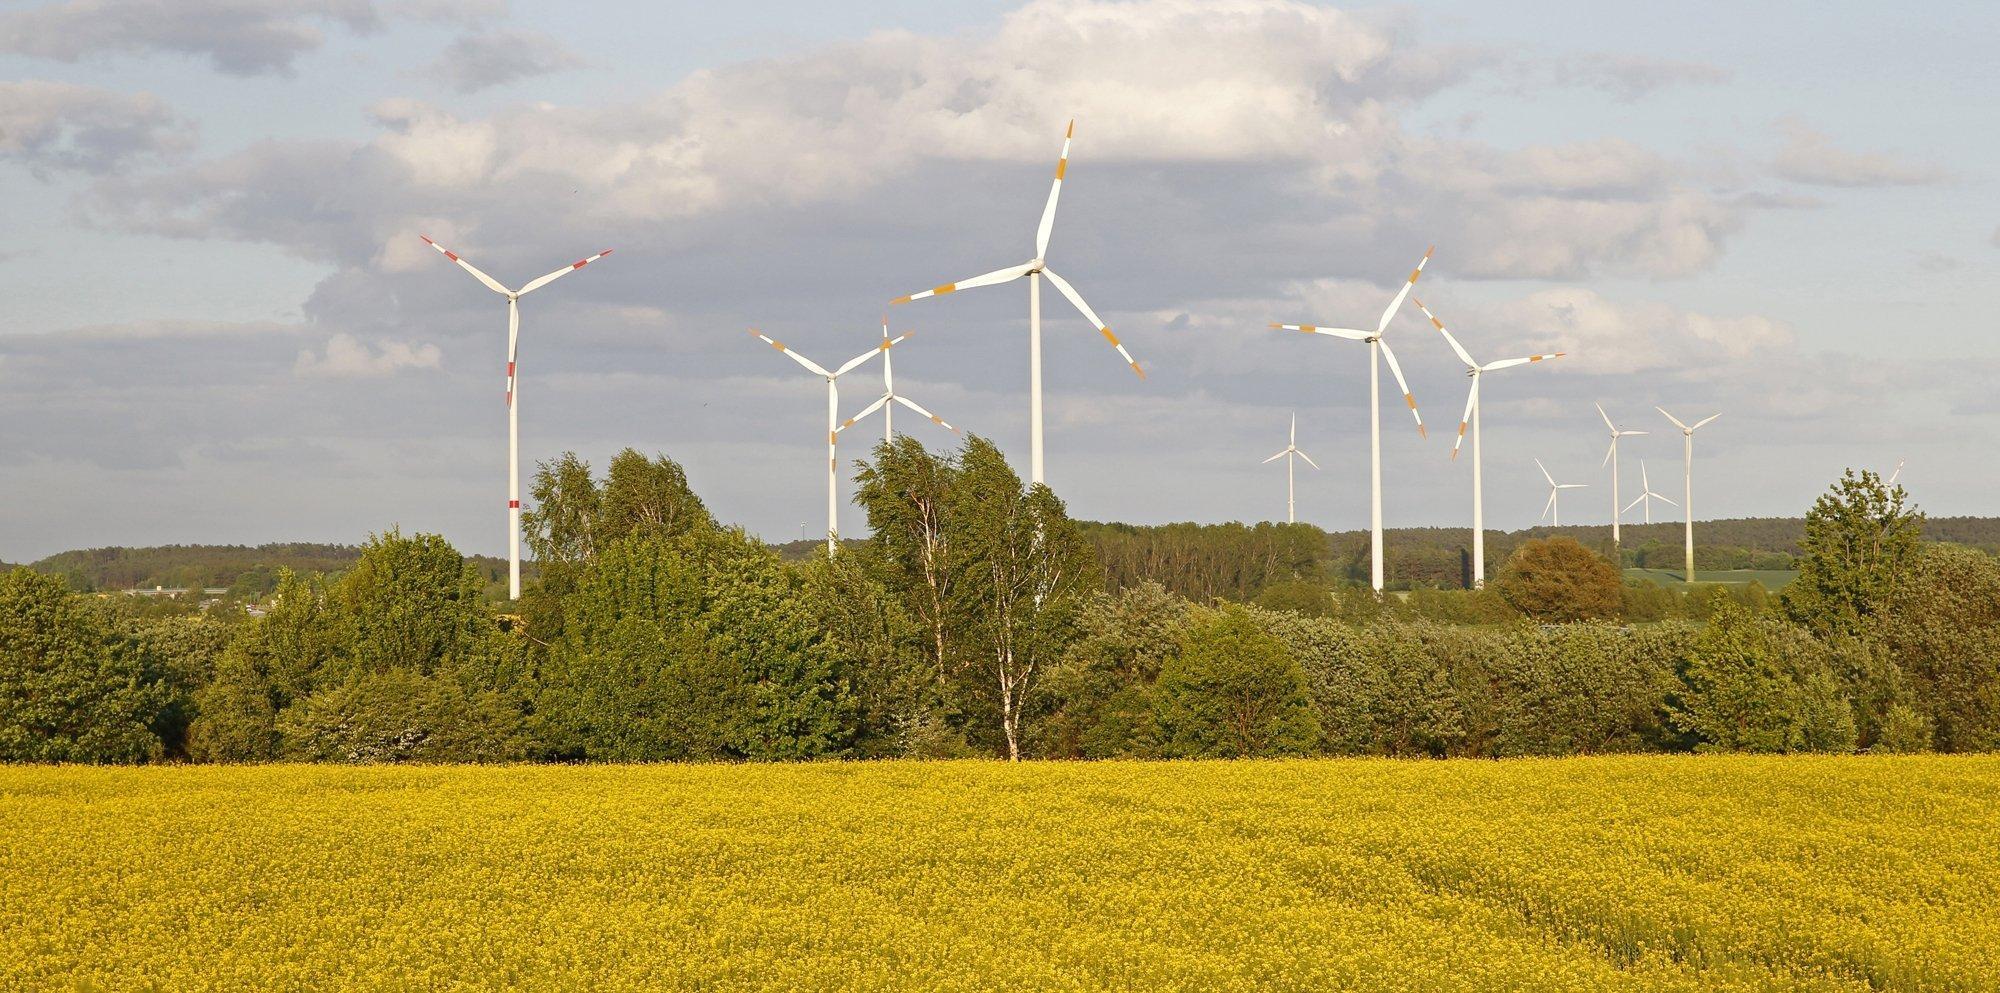 Das Bild zeigt Windräder als Teil eines ganzen Parks solcher Anlagen in einer Agrarlandschaft mit Rapsfeld.